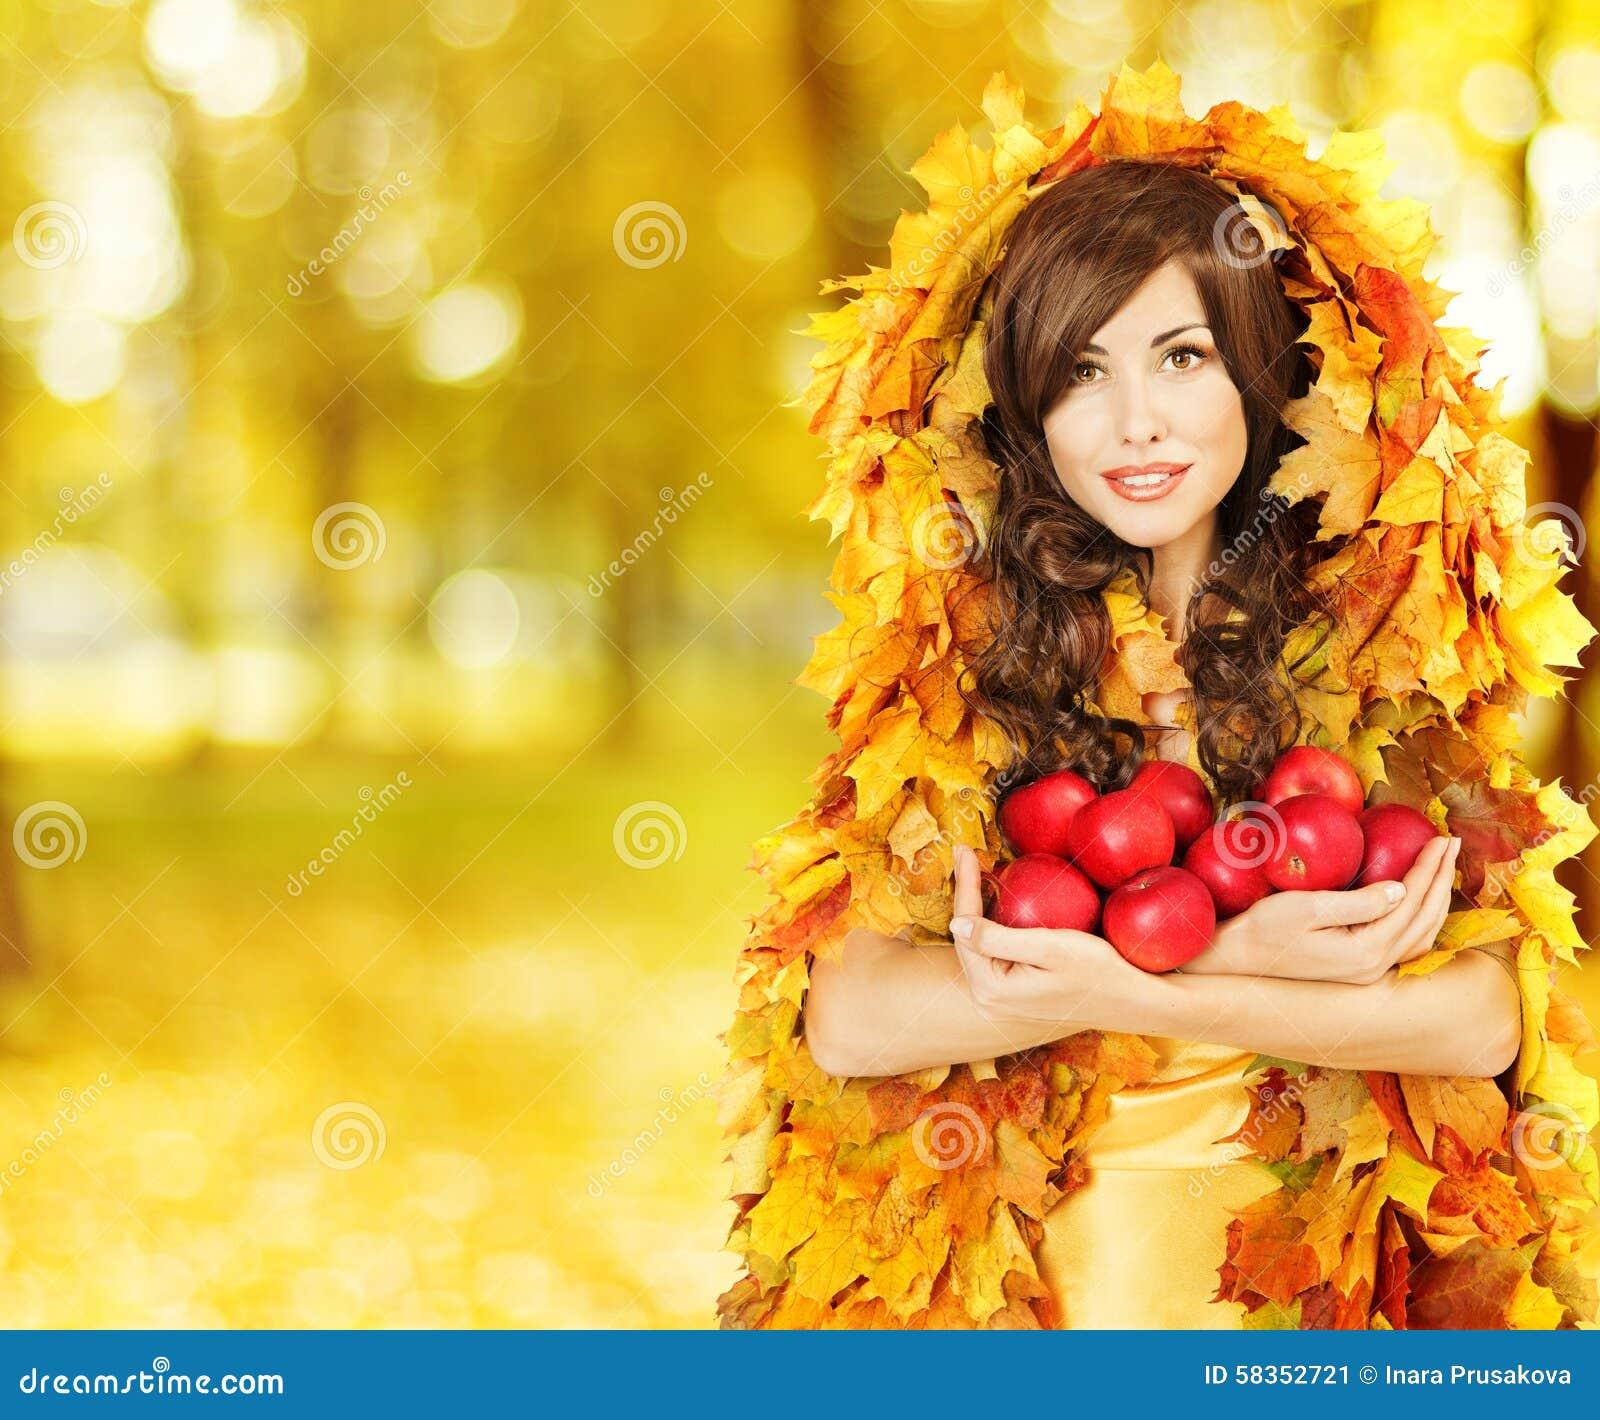 Autumn Woman hållande äpplen, modemodell i gula nedgångsidor